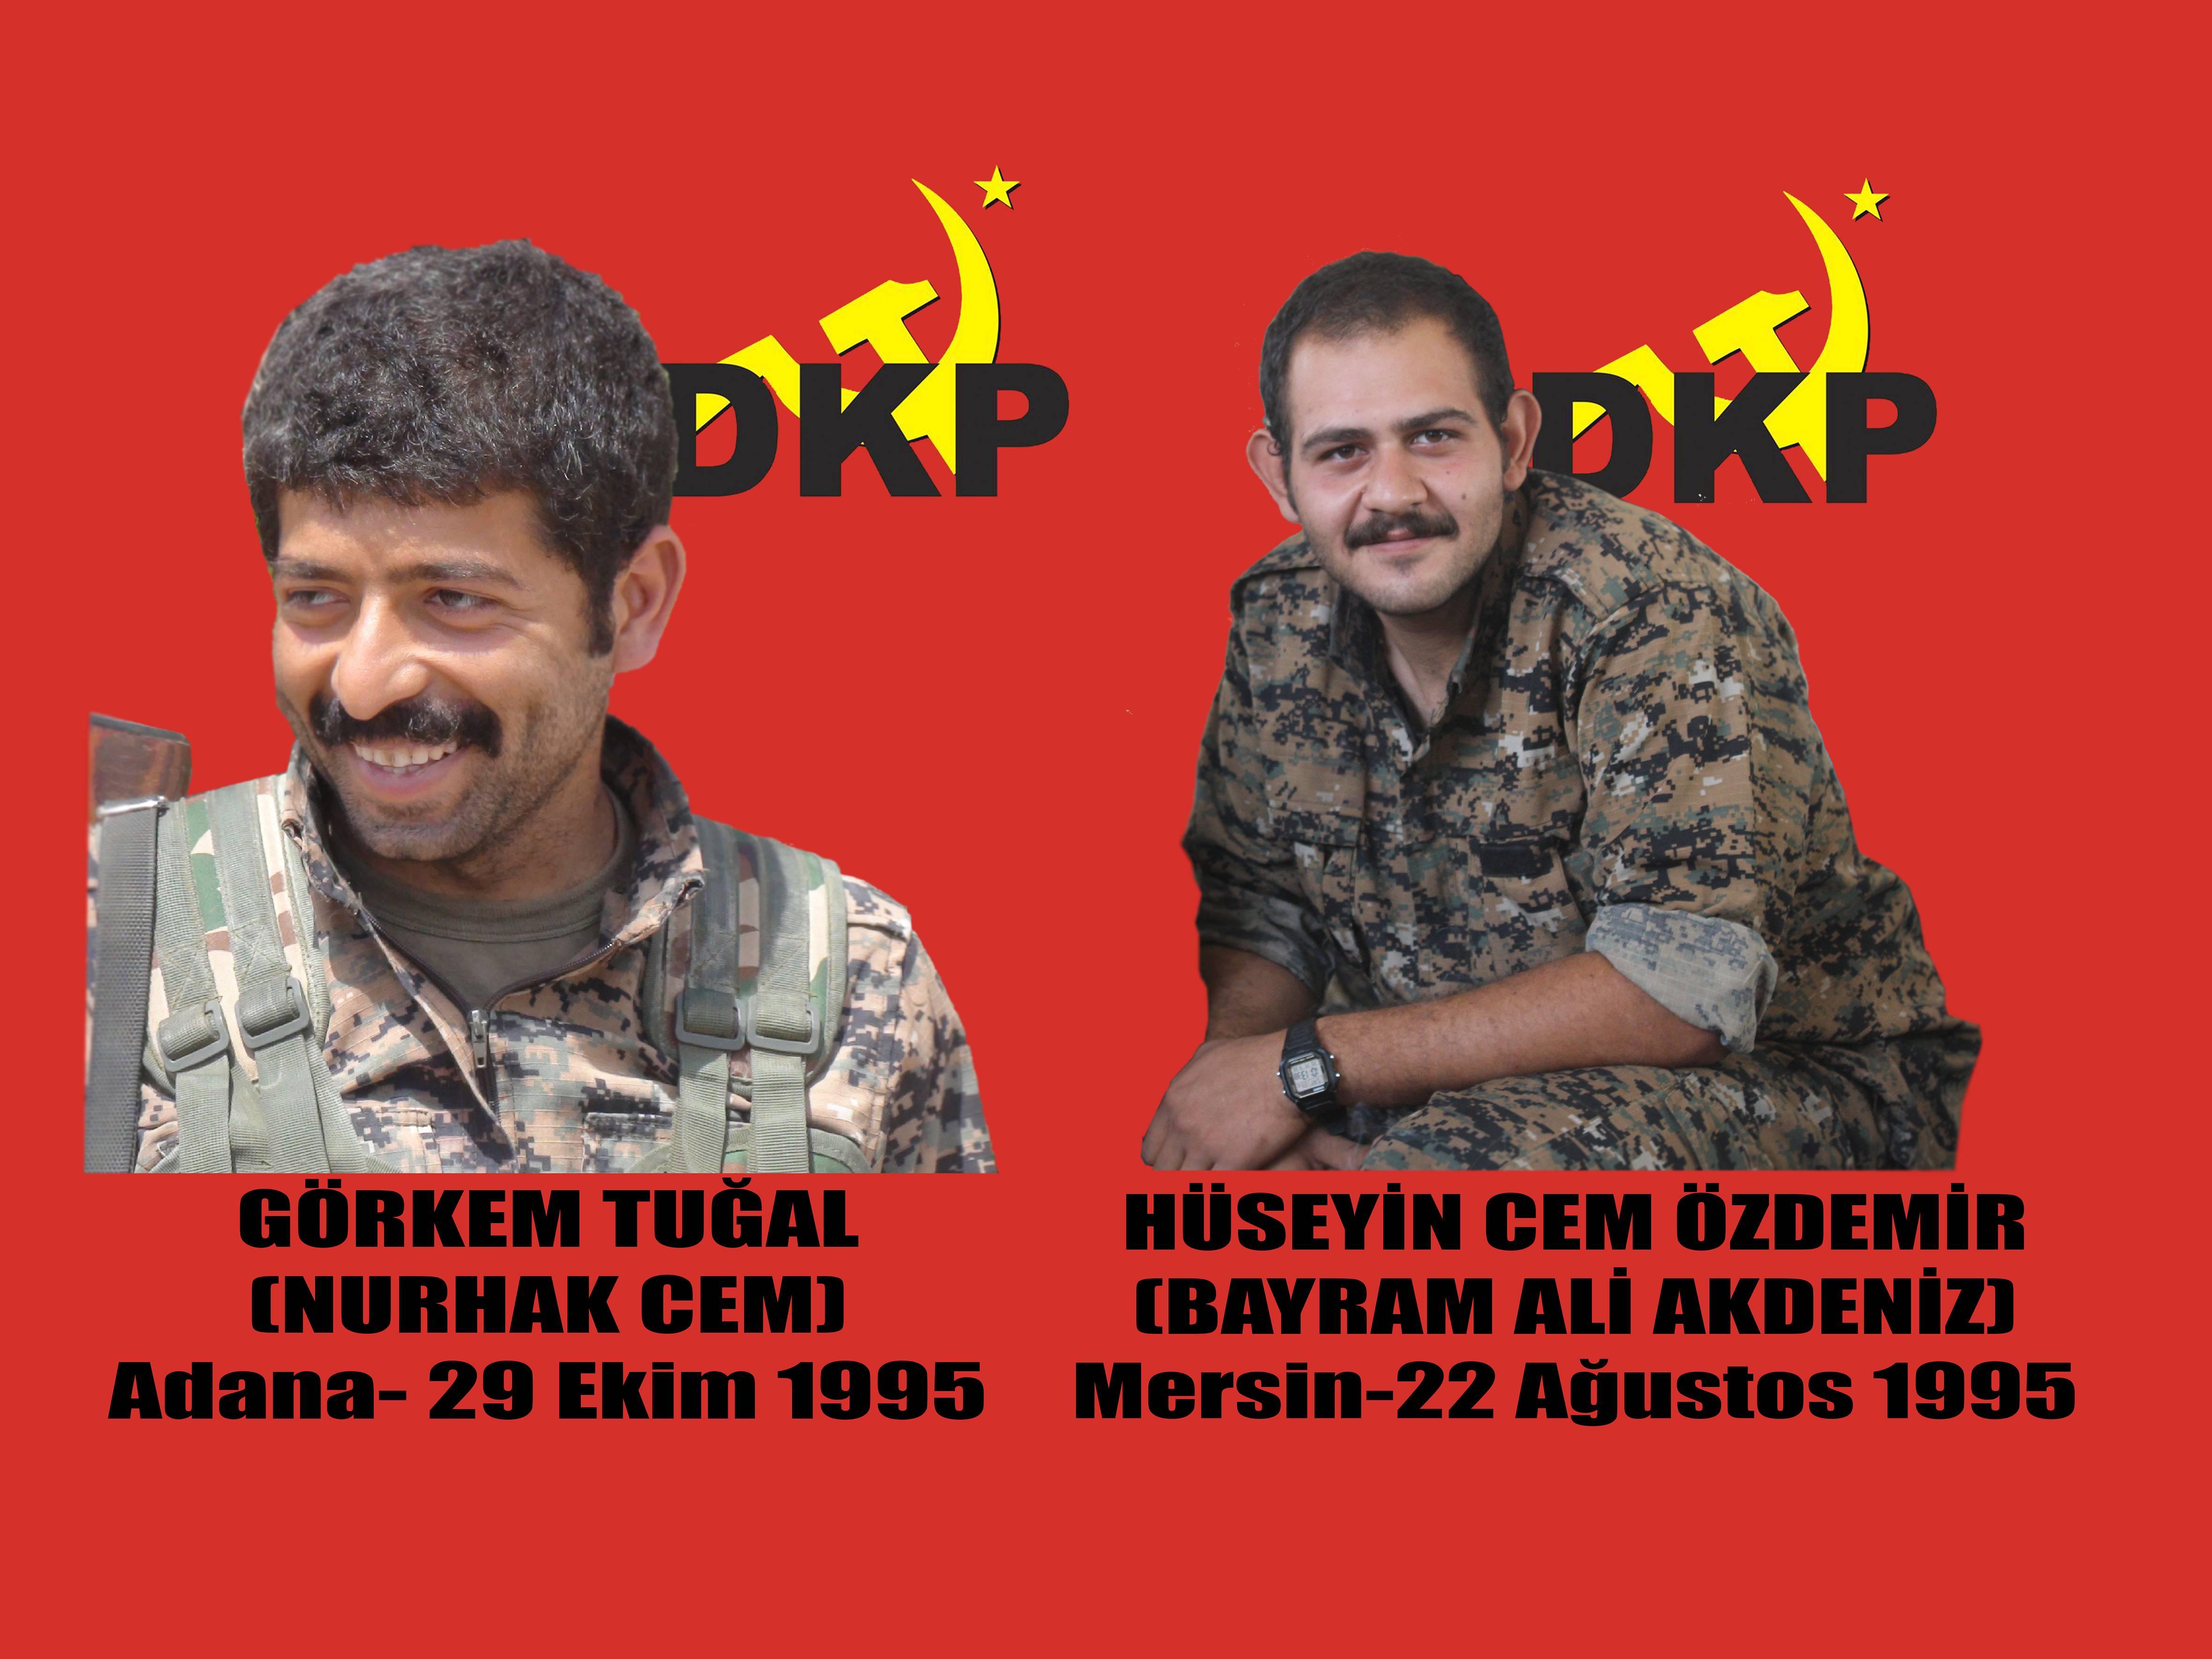 Les combattants du DKP, Hüseyin Cem Özdemir et Görkem Tuğal.